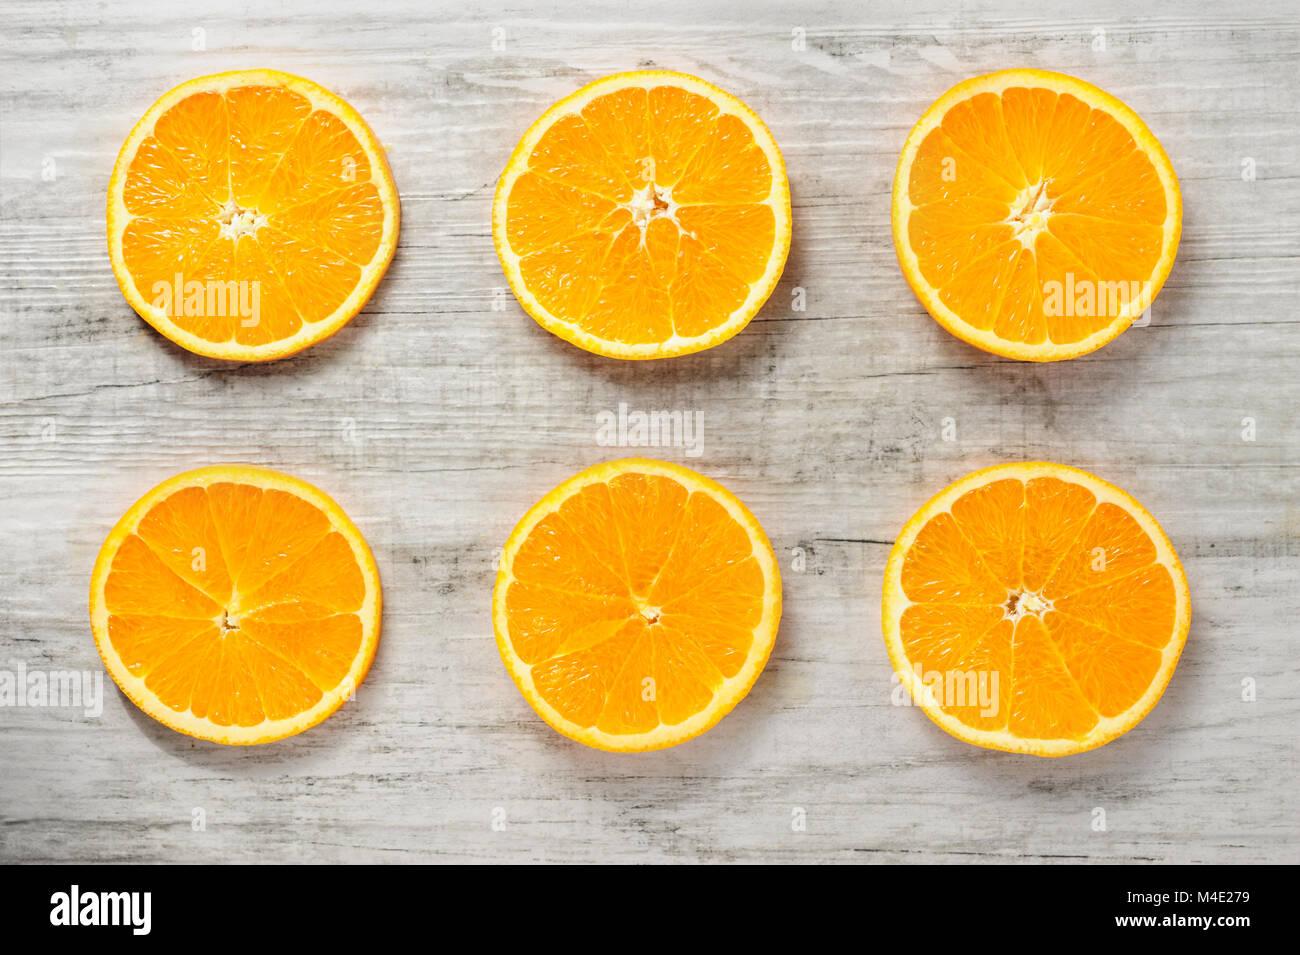 Six slices of fresh oranges on white wood background - Stock Image